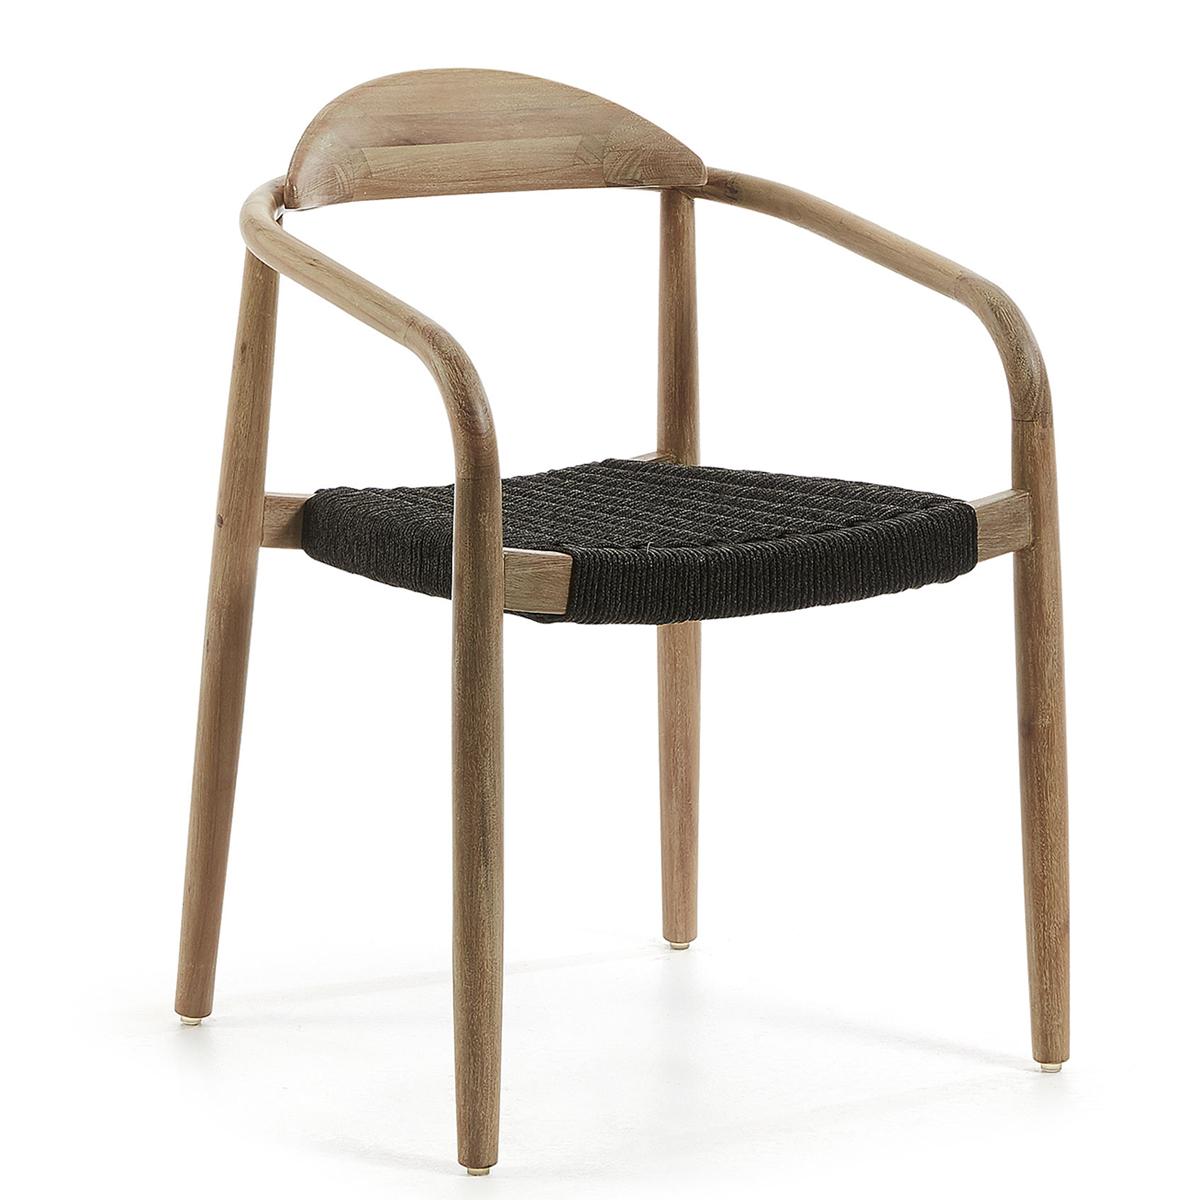 Ensemble de 4 chaises en bois et corde - Noir - H 78 x 42 cm